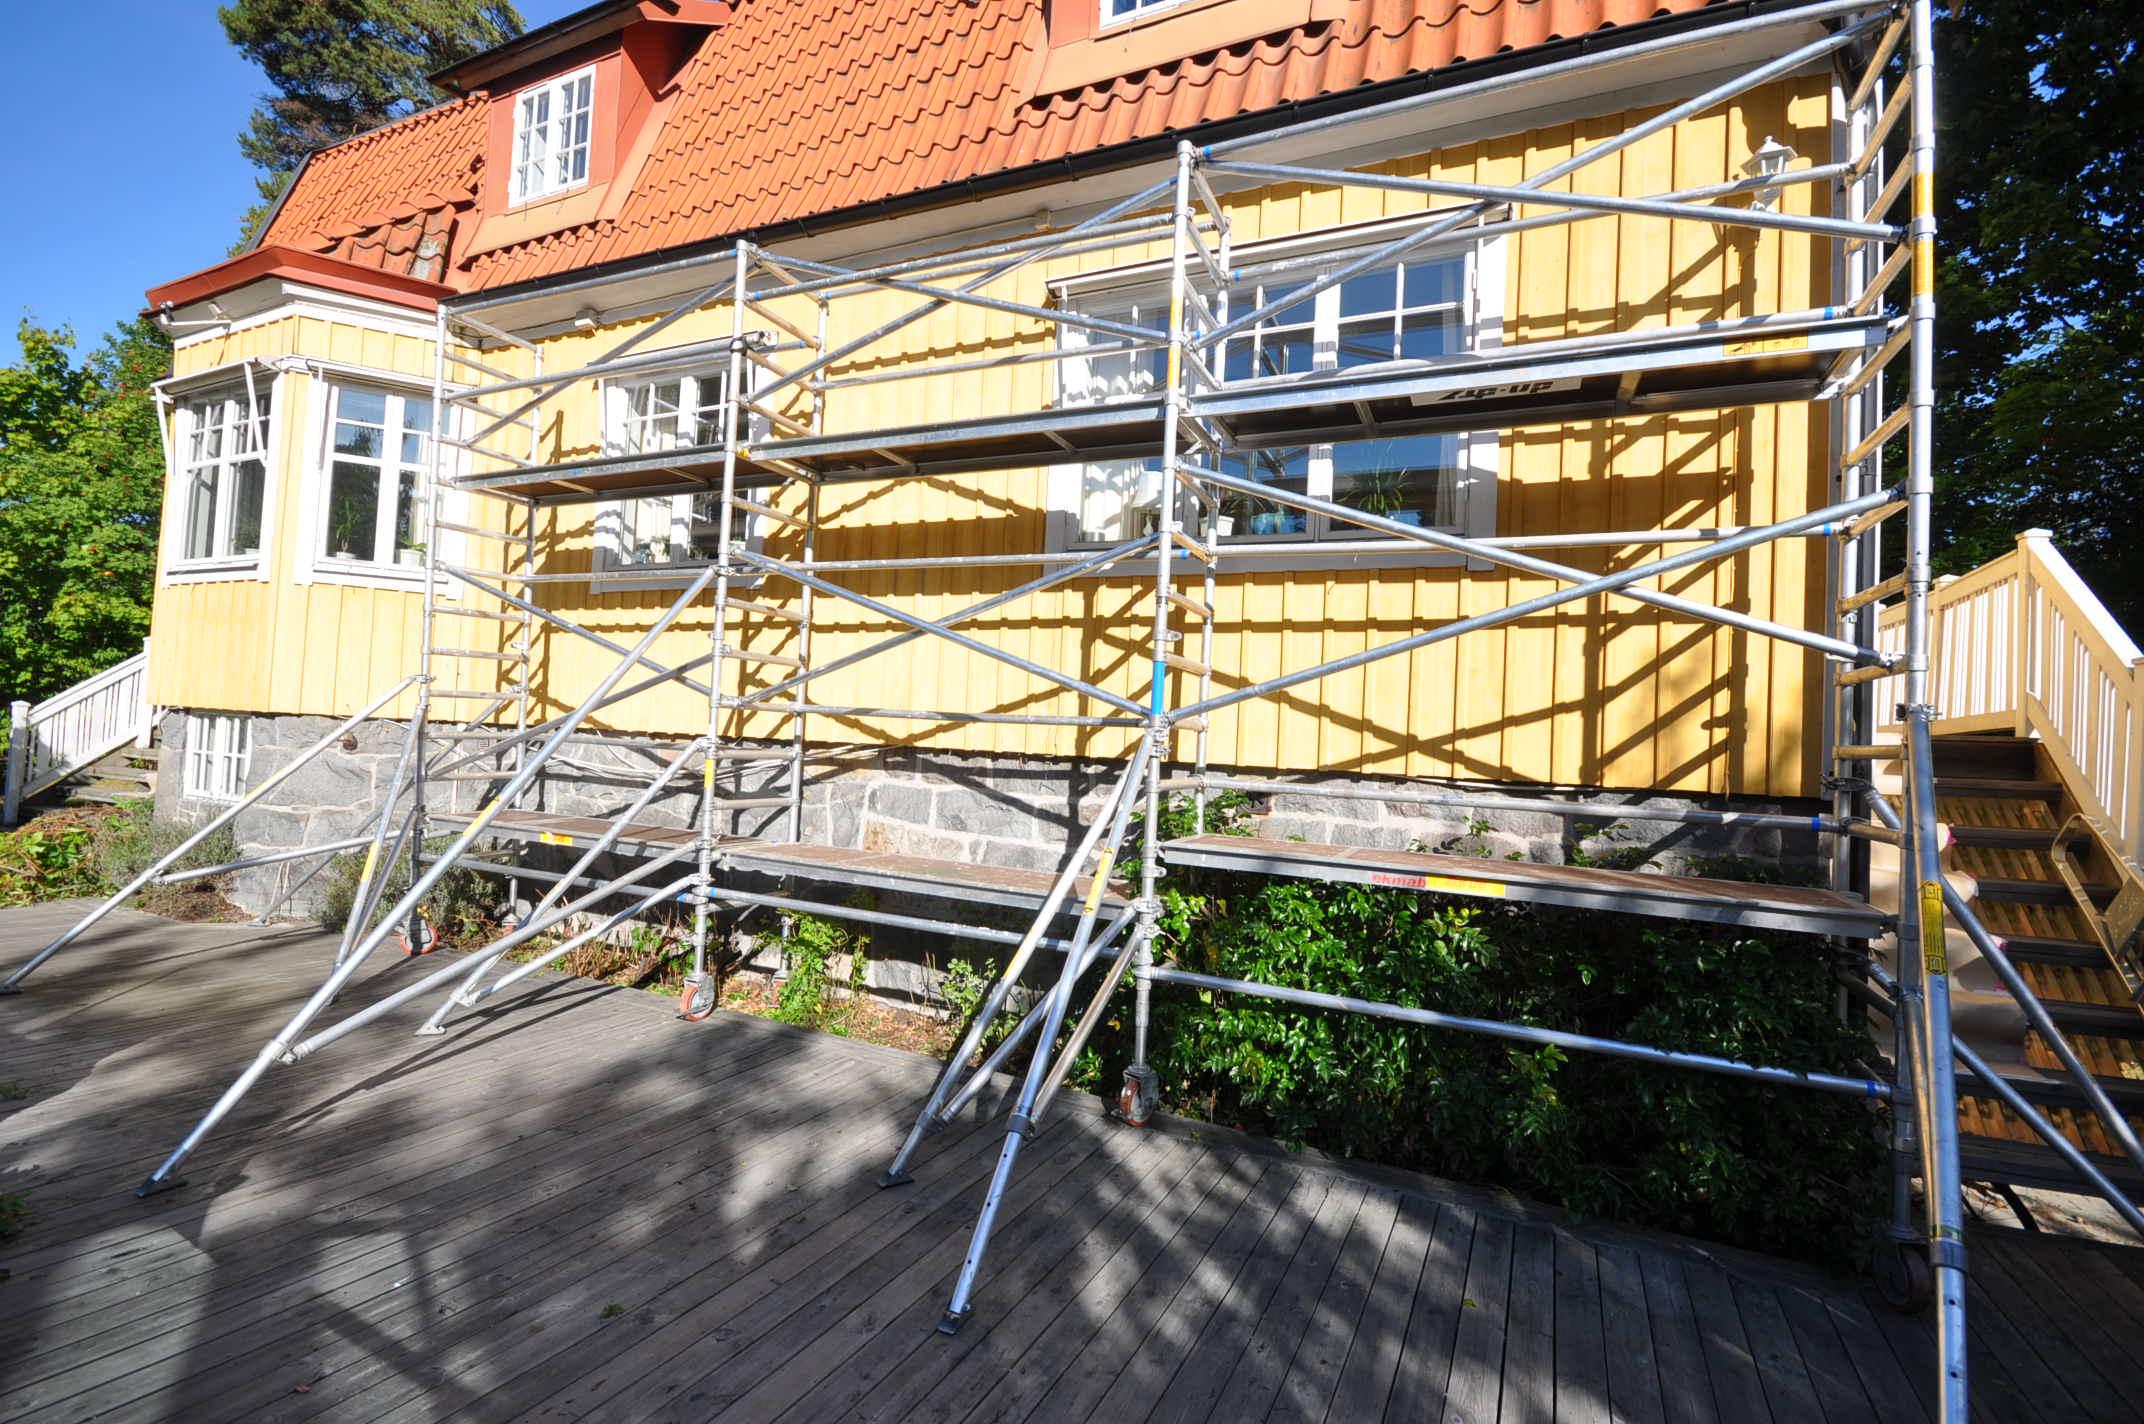 Smal byggställning flera sektioner bilder h9.se hyr byggställning (4)